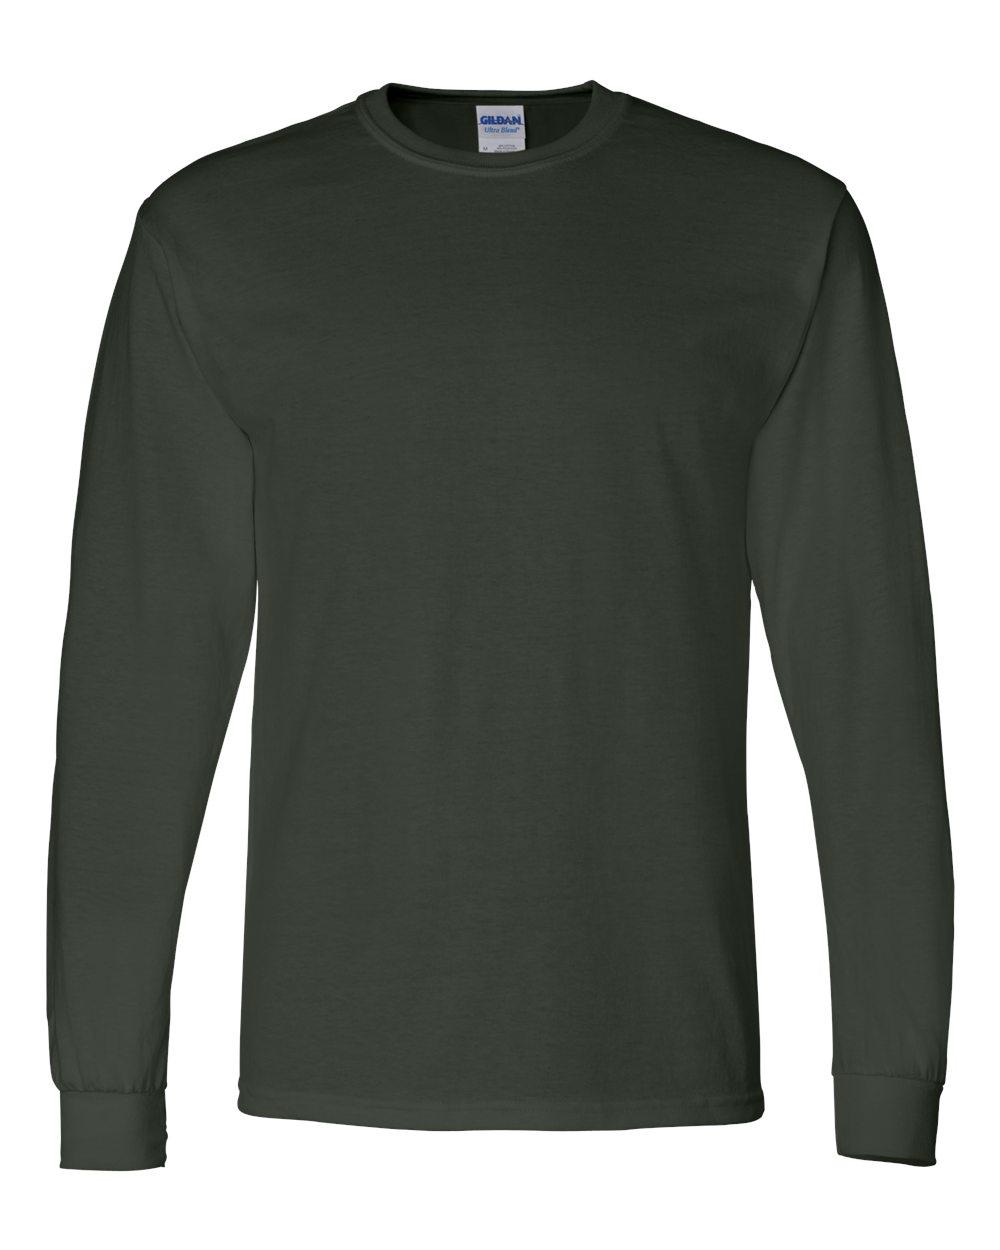 Gildan-Mens-Blank-DryBlend-50-50-Cotton-Long-Sleeve-T-Shirt-8400-up-to-3XL miniature 18